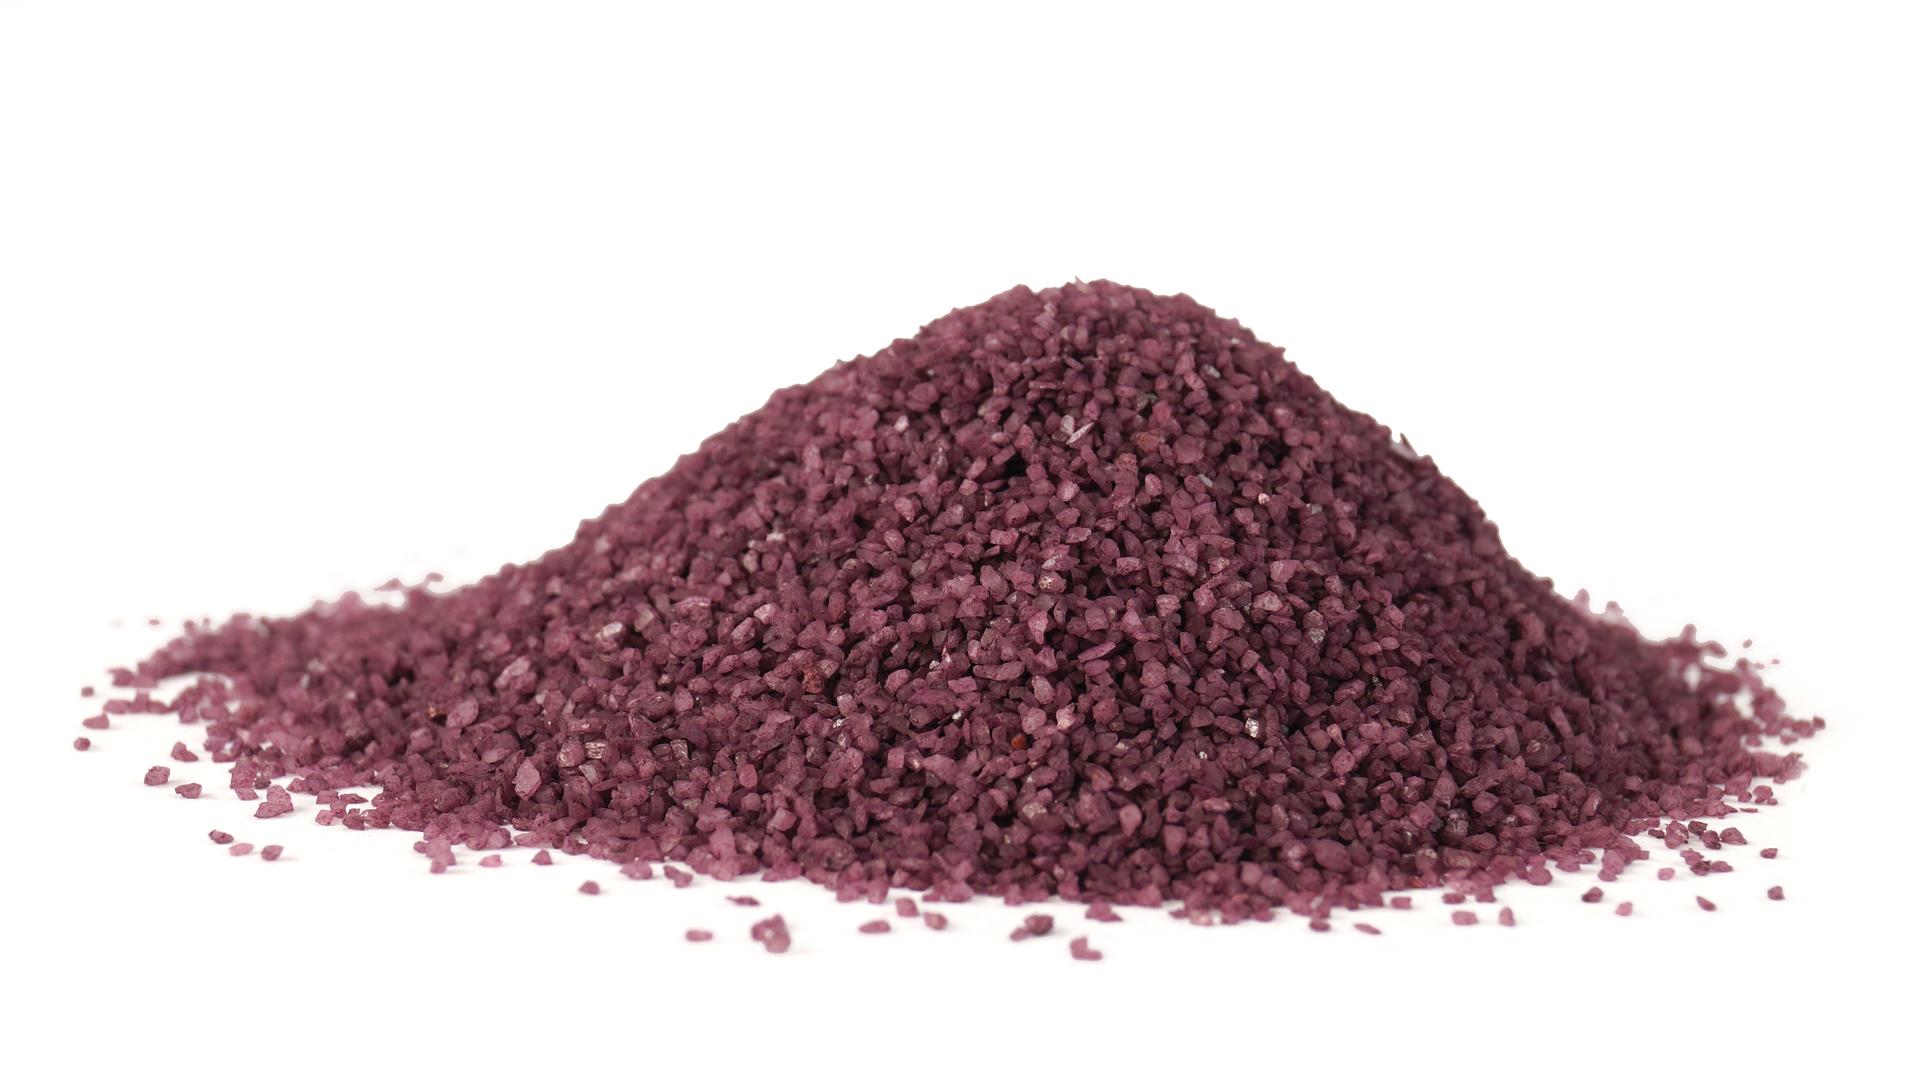 Dekorativní písek, tmavě fialový, 400g